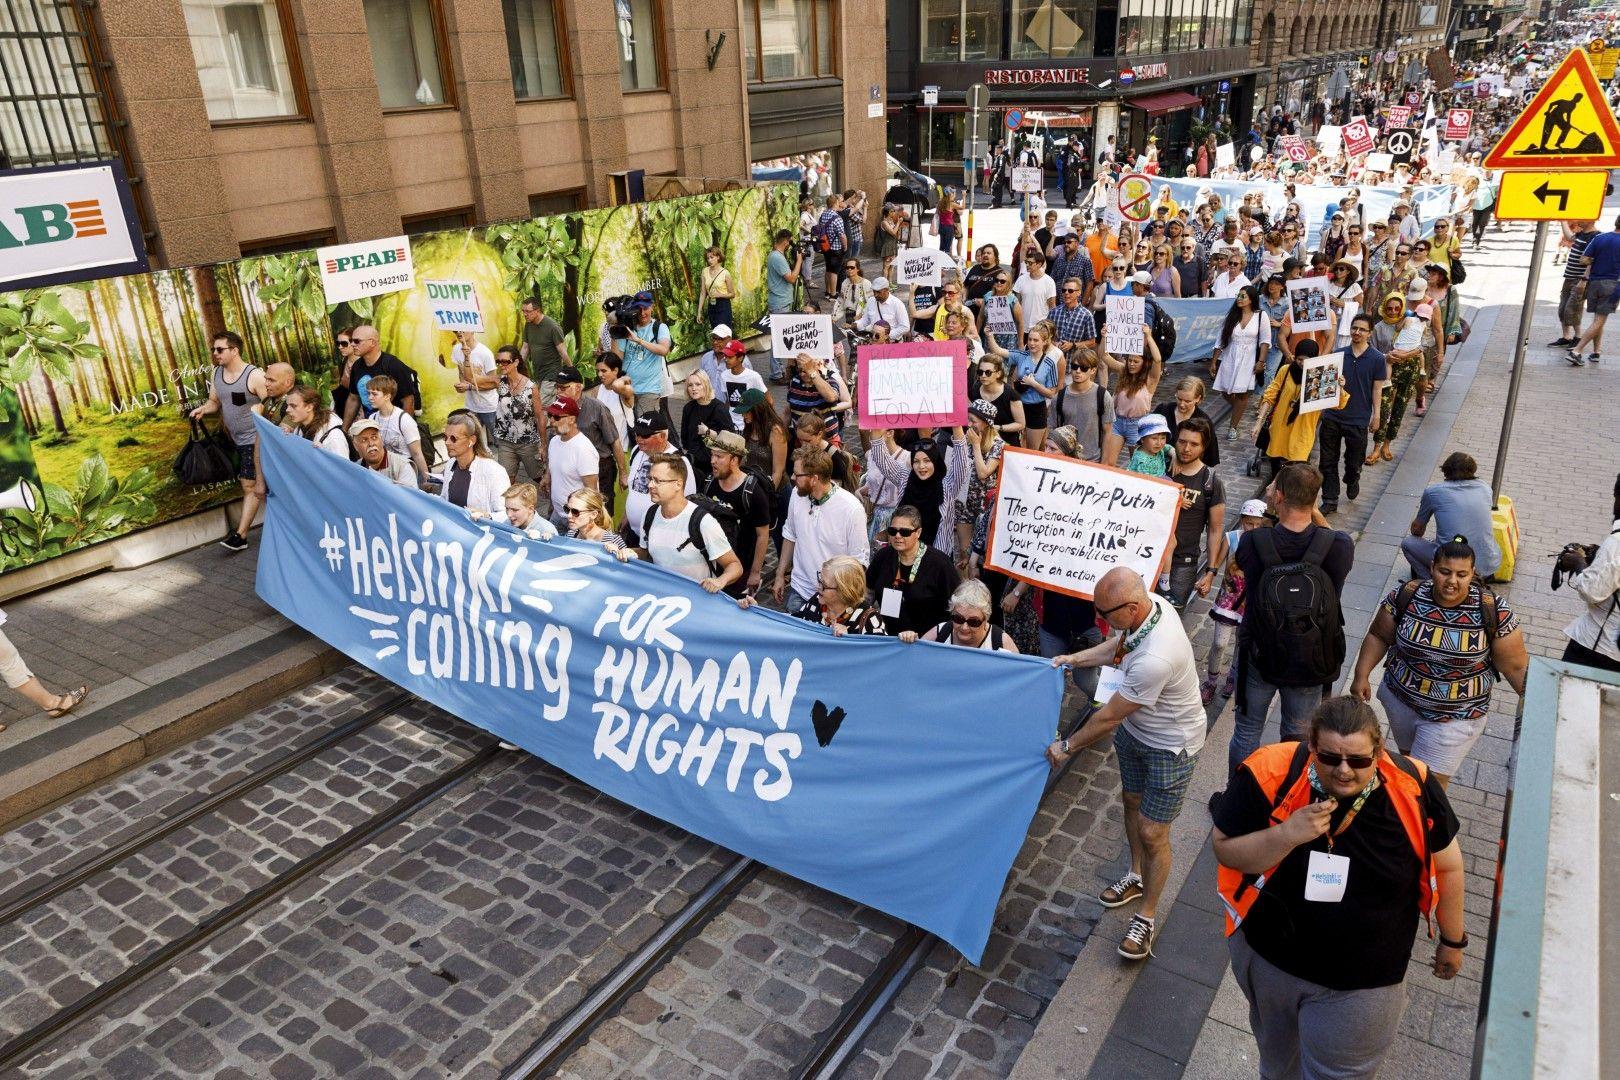 Няколко протестни акции се провеждат в Хелзинки